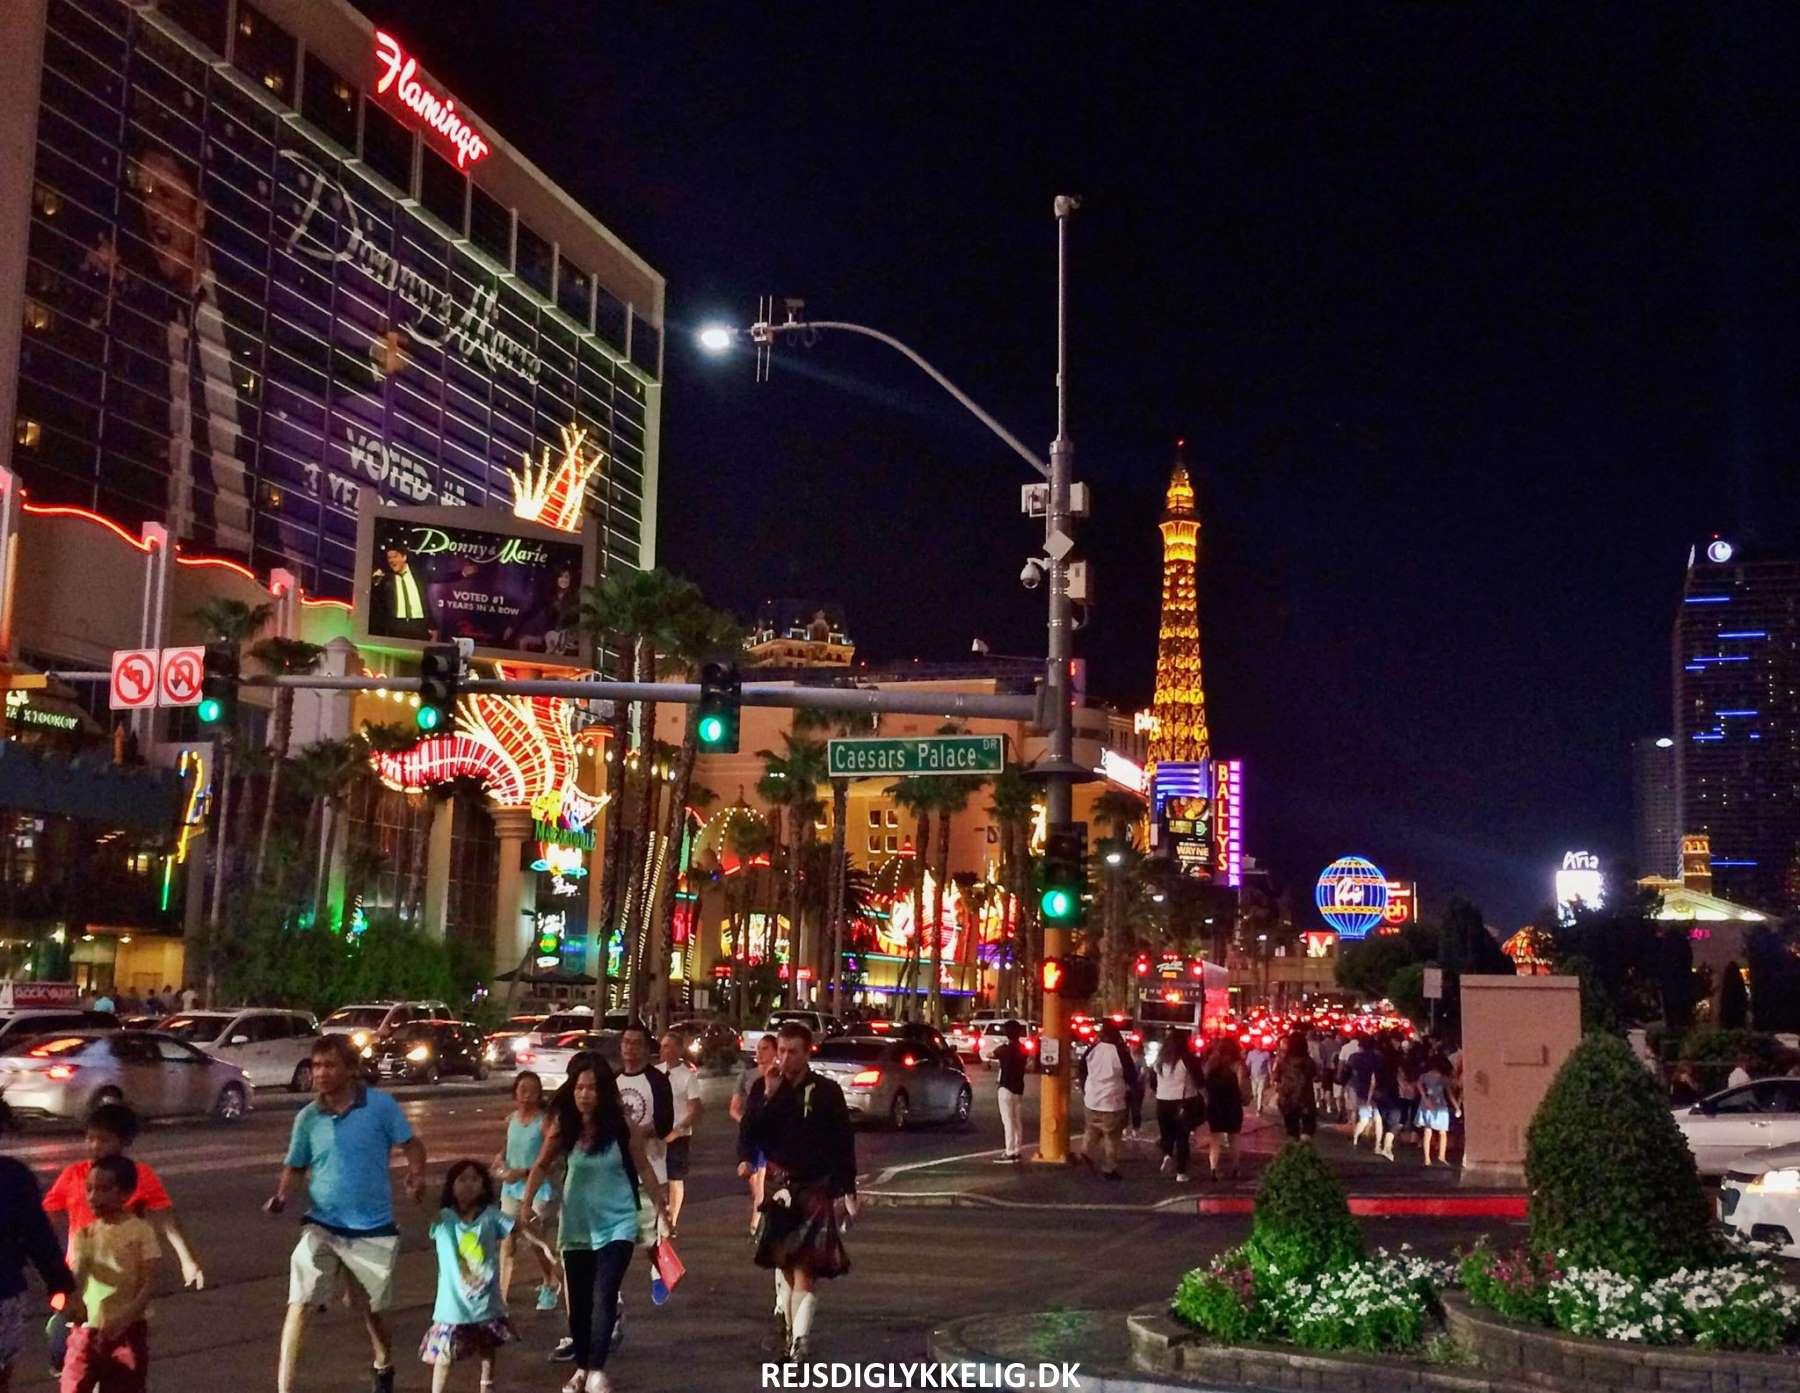 30 Oplevelser i Las Vegas - Rejs Dig Lykkelig